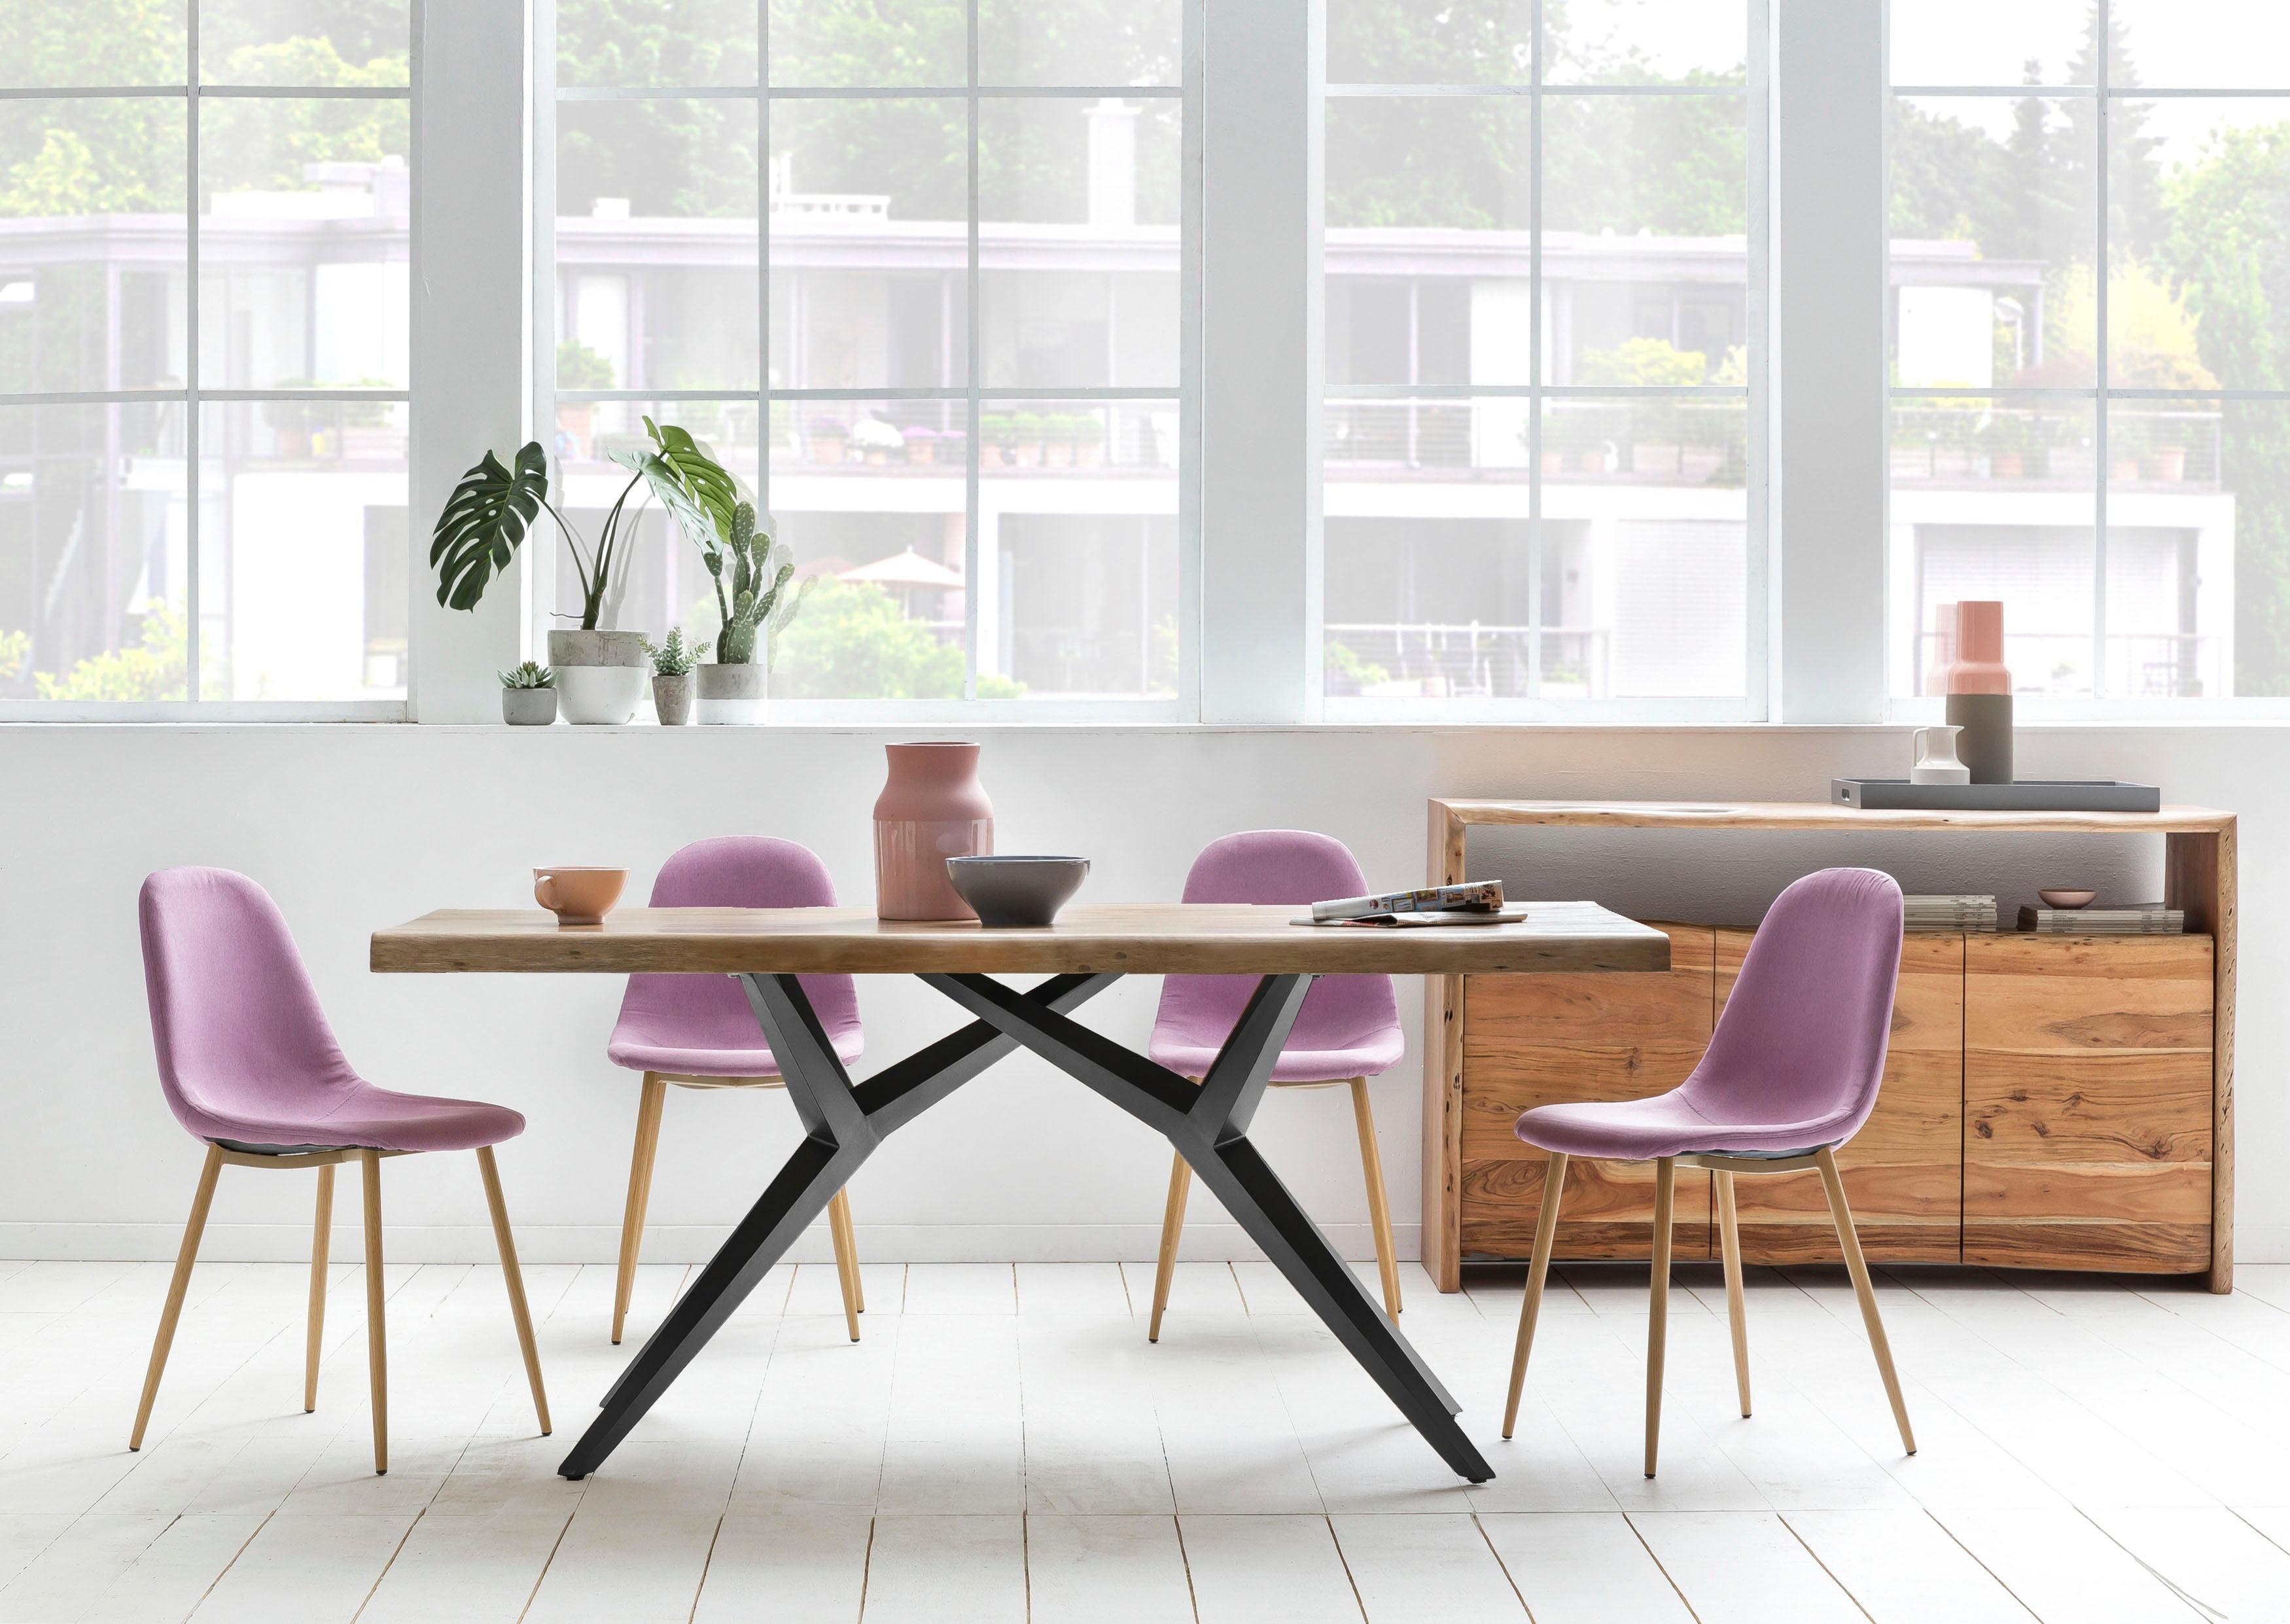 SIT Esstisch Tables, mit elegantem Metallgestell, Shabby Chic, Vintage orange Holz-Esstische Holztische Tische